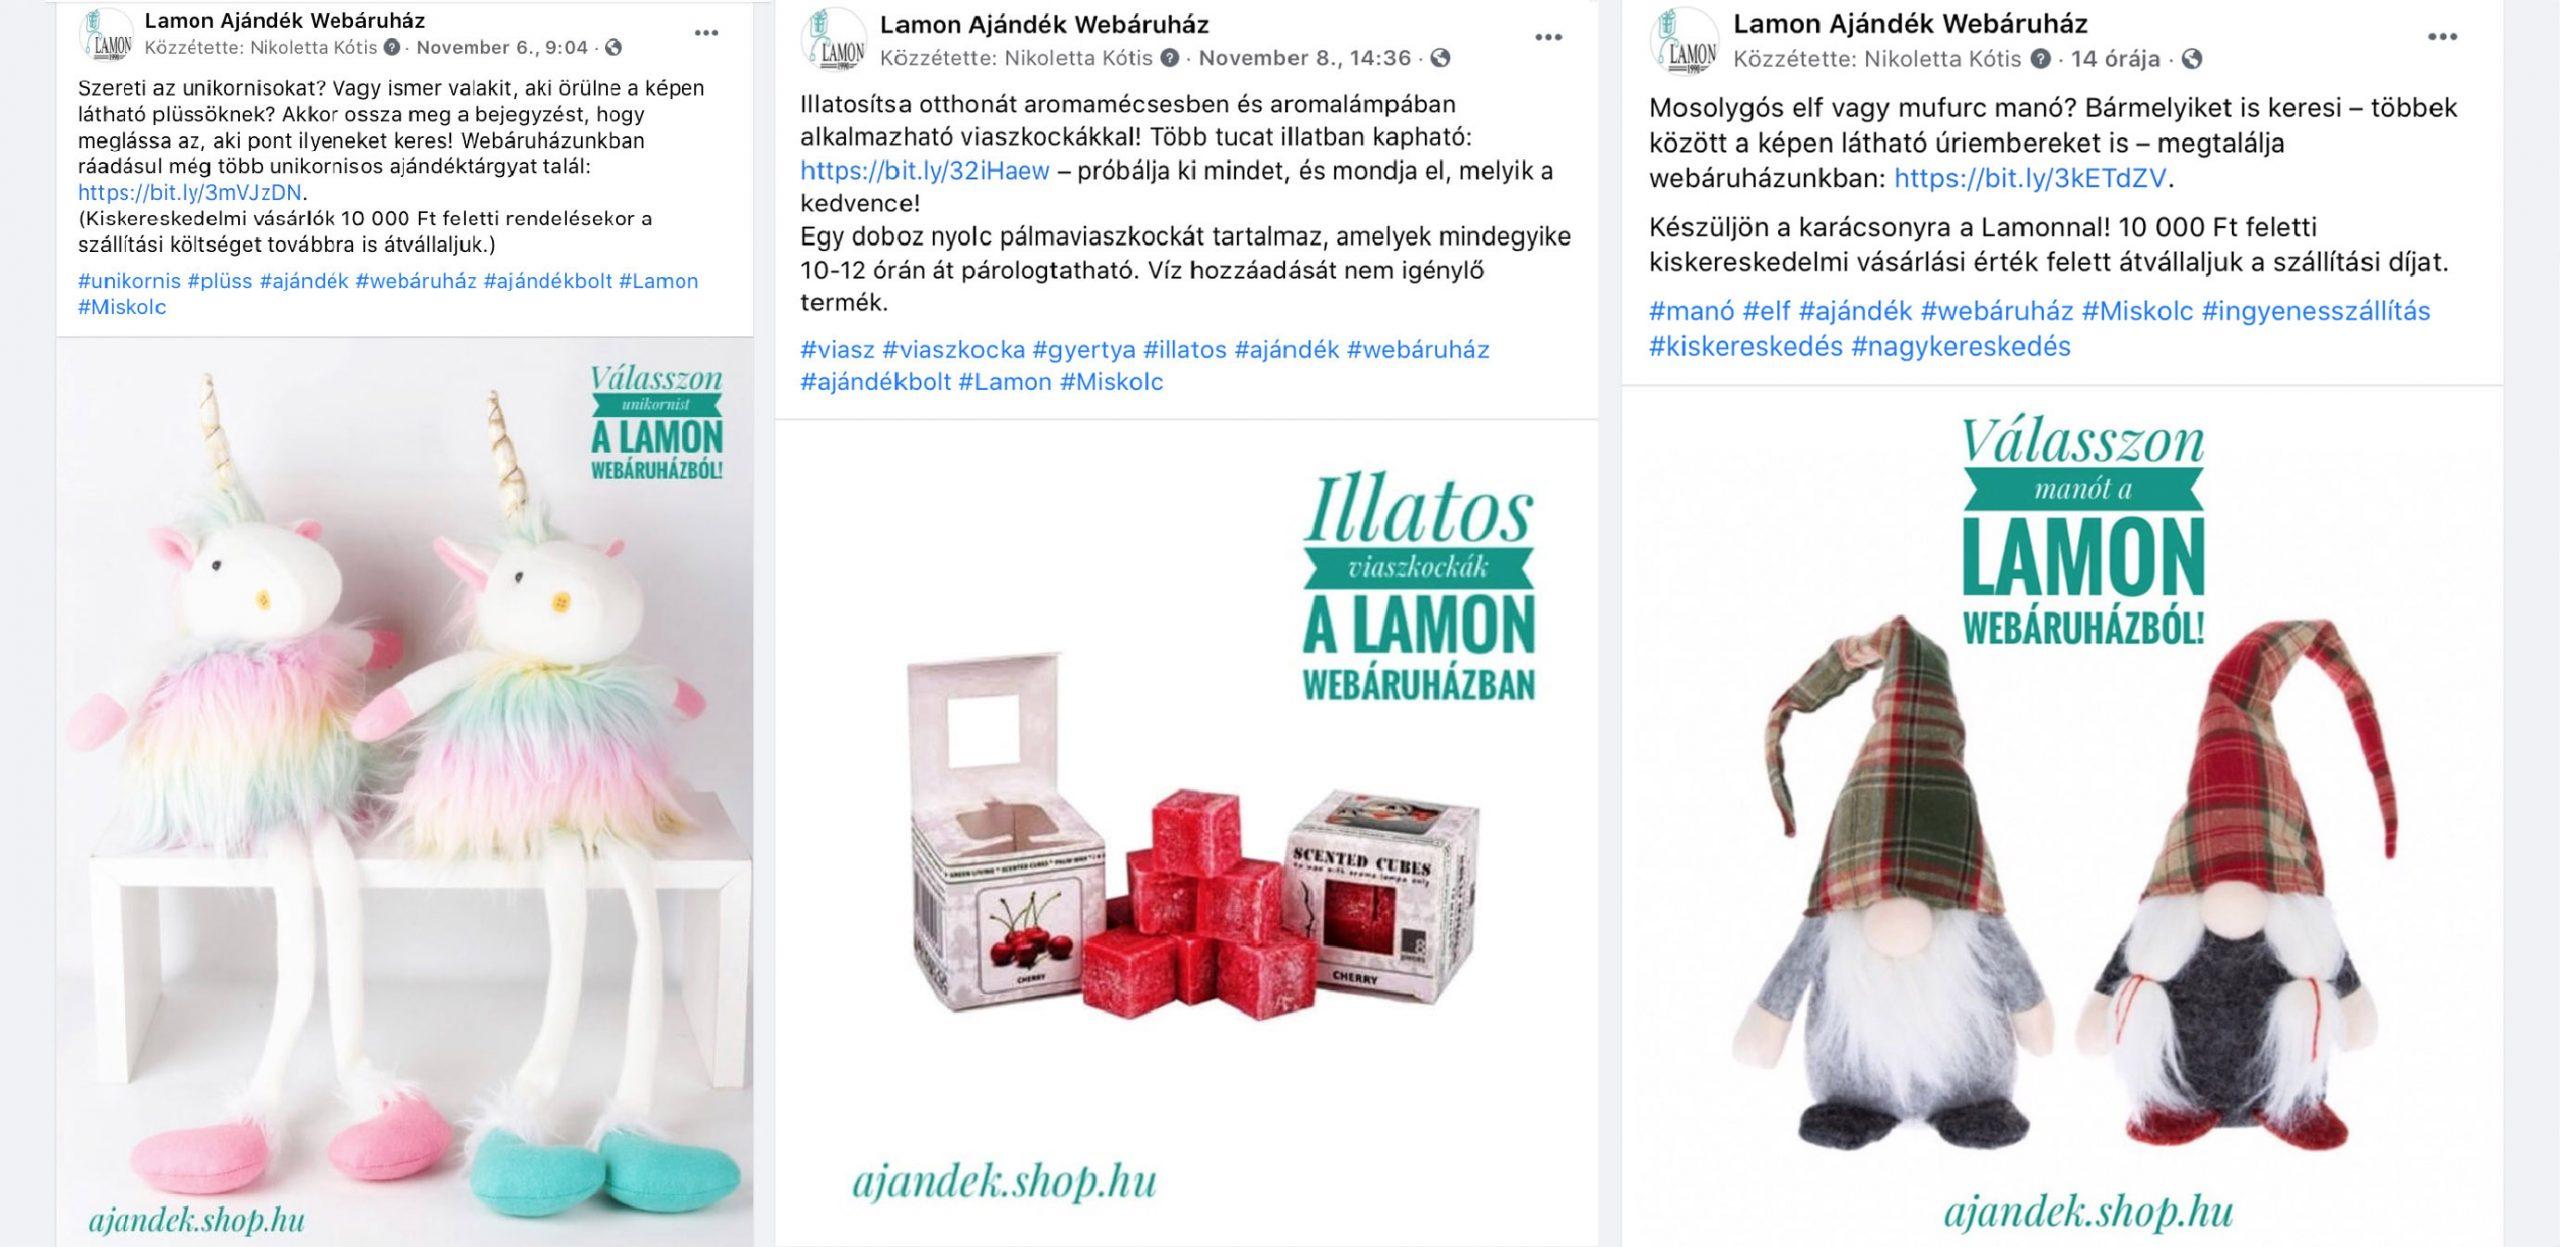 szovegirotkeresek.hu referencia: Facebook-posztok készítése a Lamon ajándékáruház számára (Kótis Nikoletta)